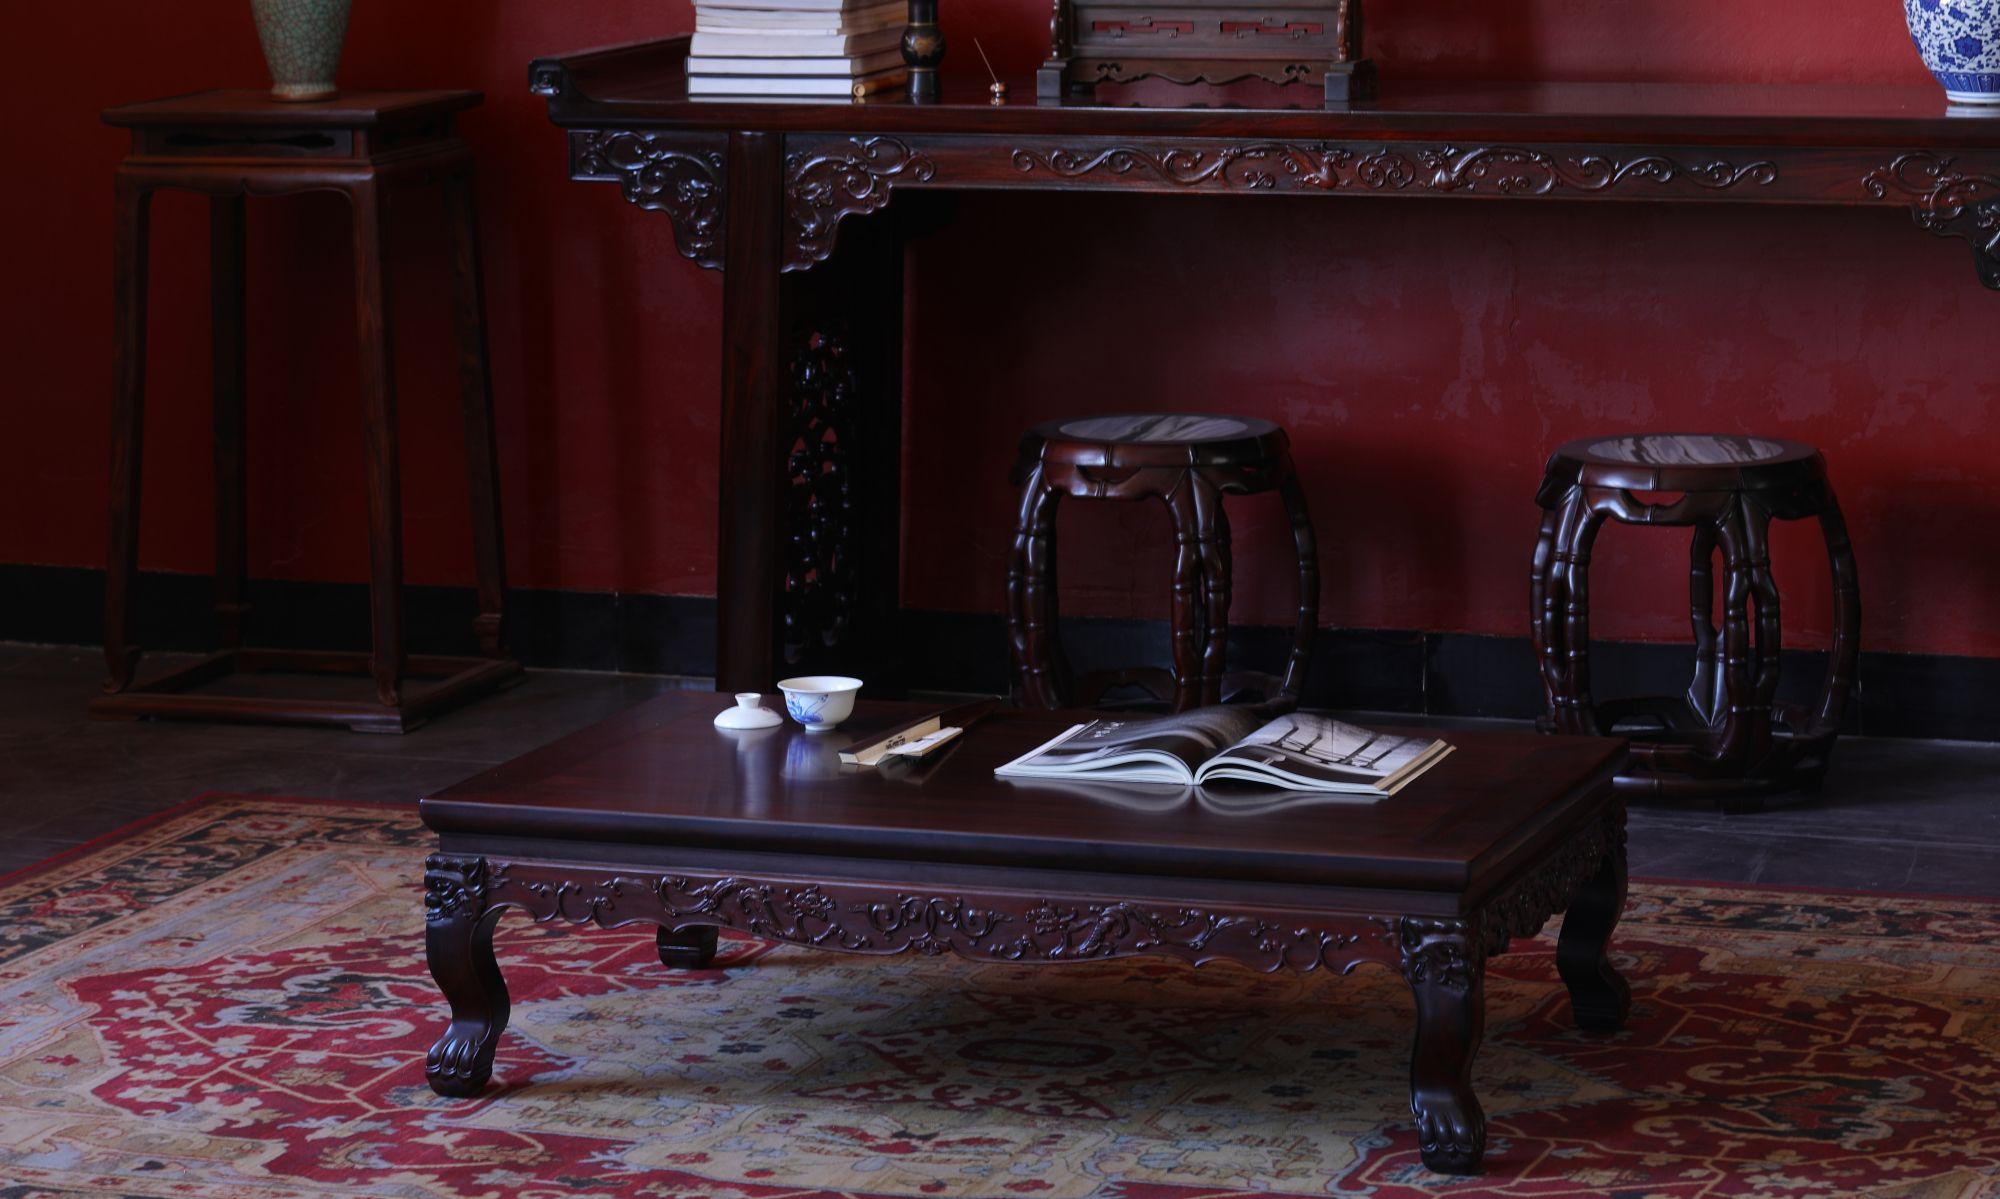 经典明式家具样式,大红酸枝有束腰螭龙纹虎爪足炕桌